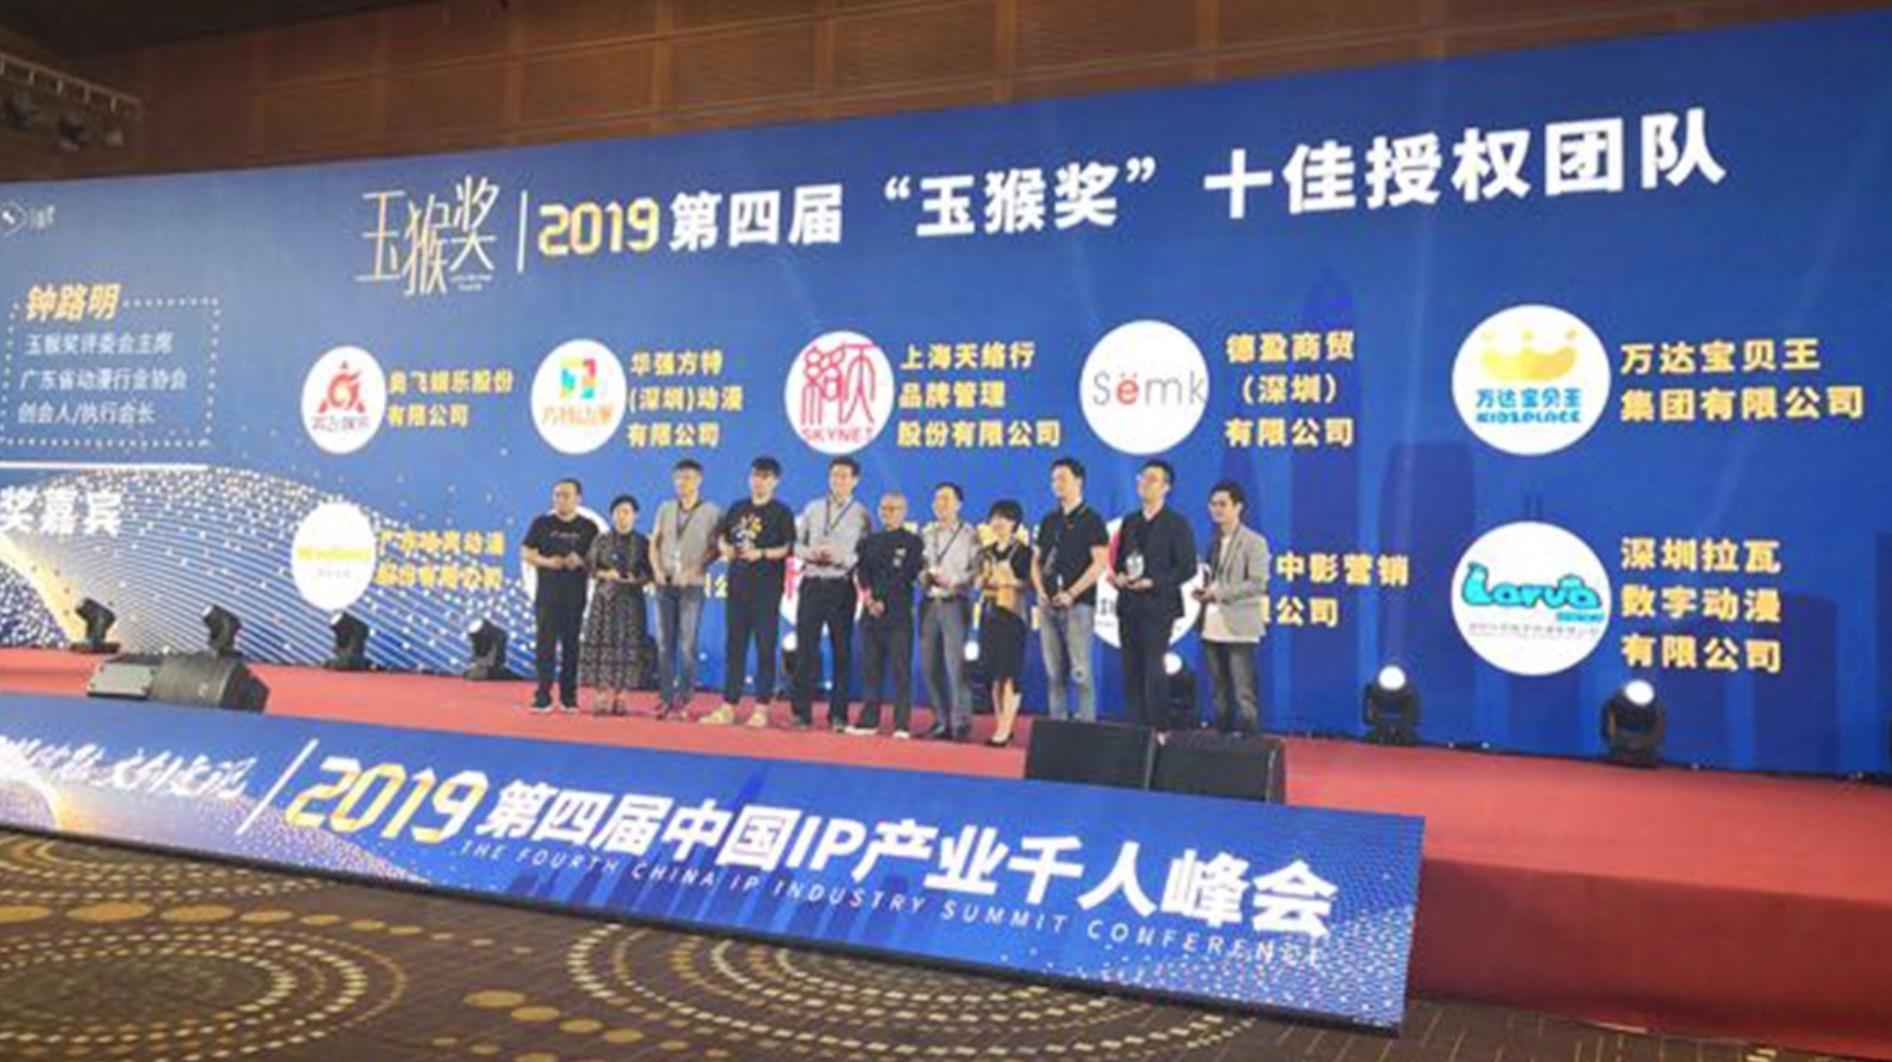 金沙宝贝王集团获中国IP产业年度十佳授权团队